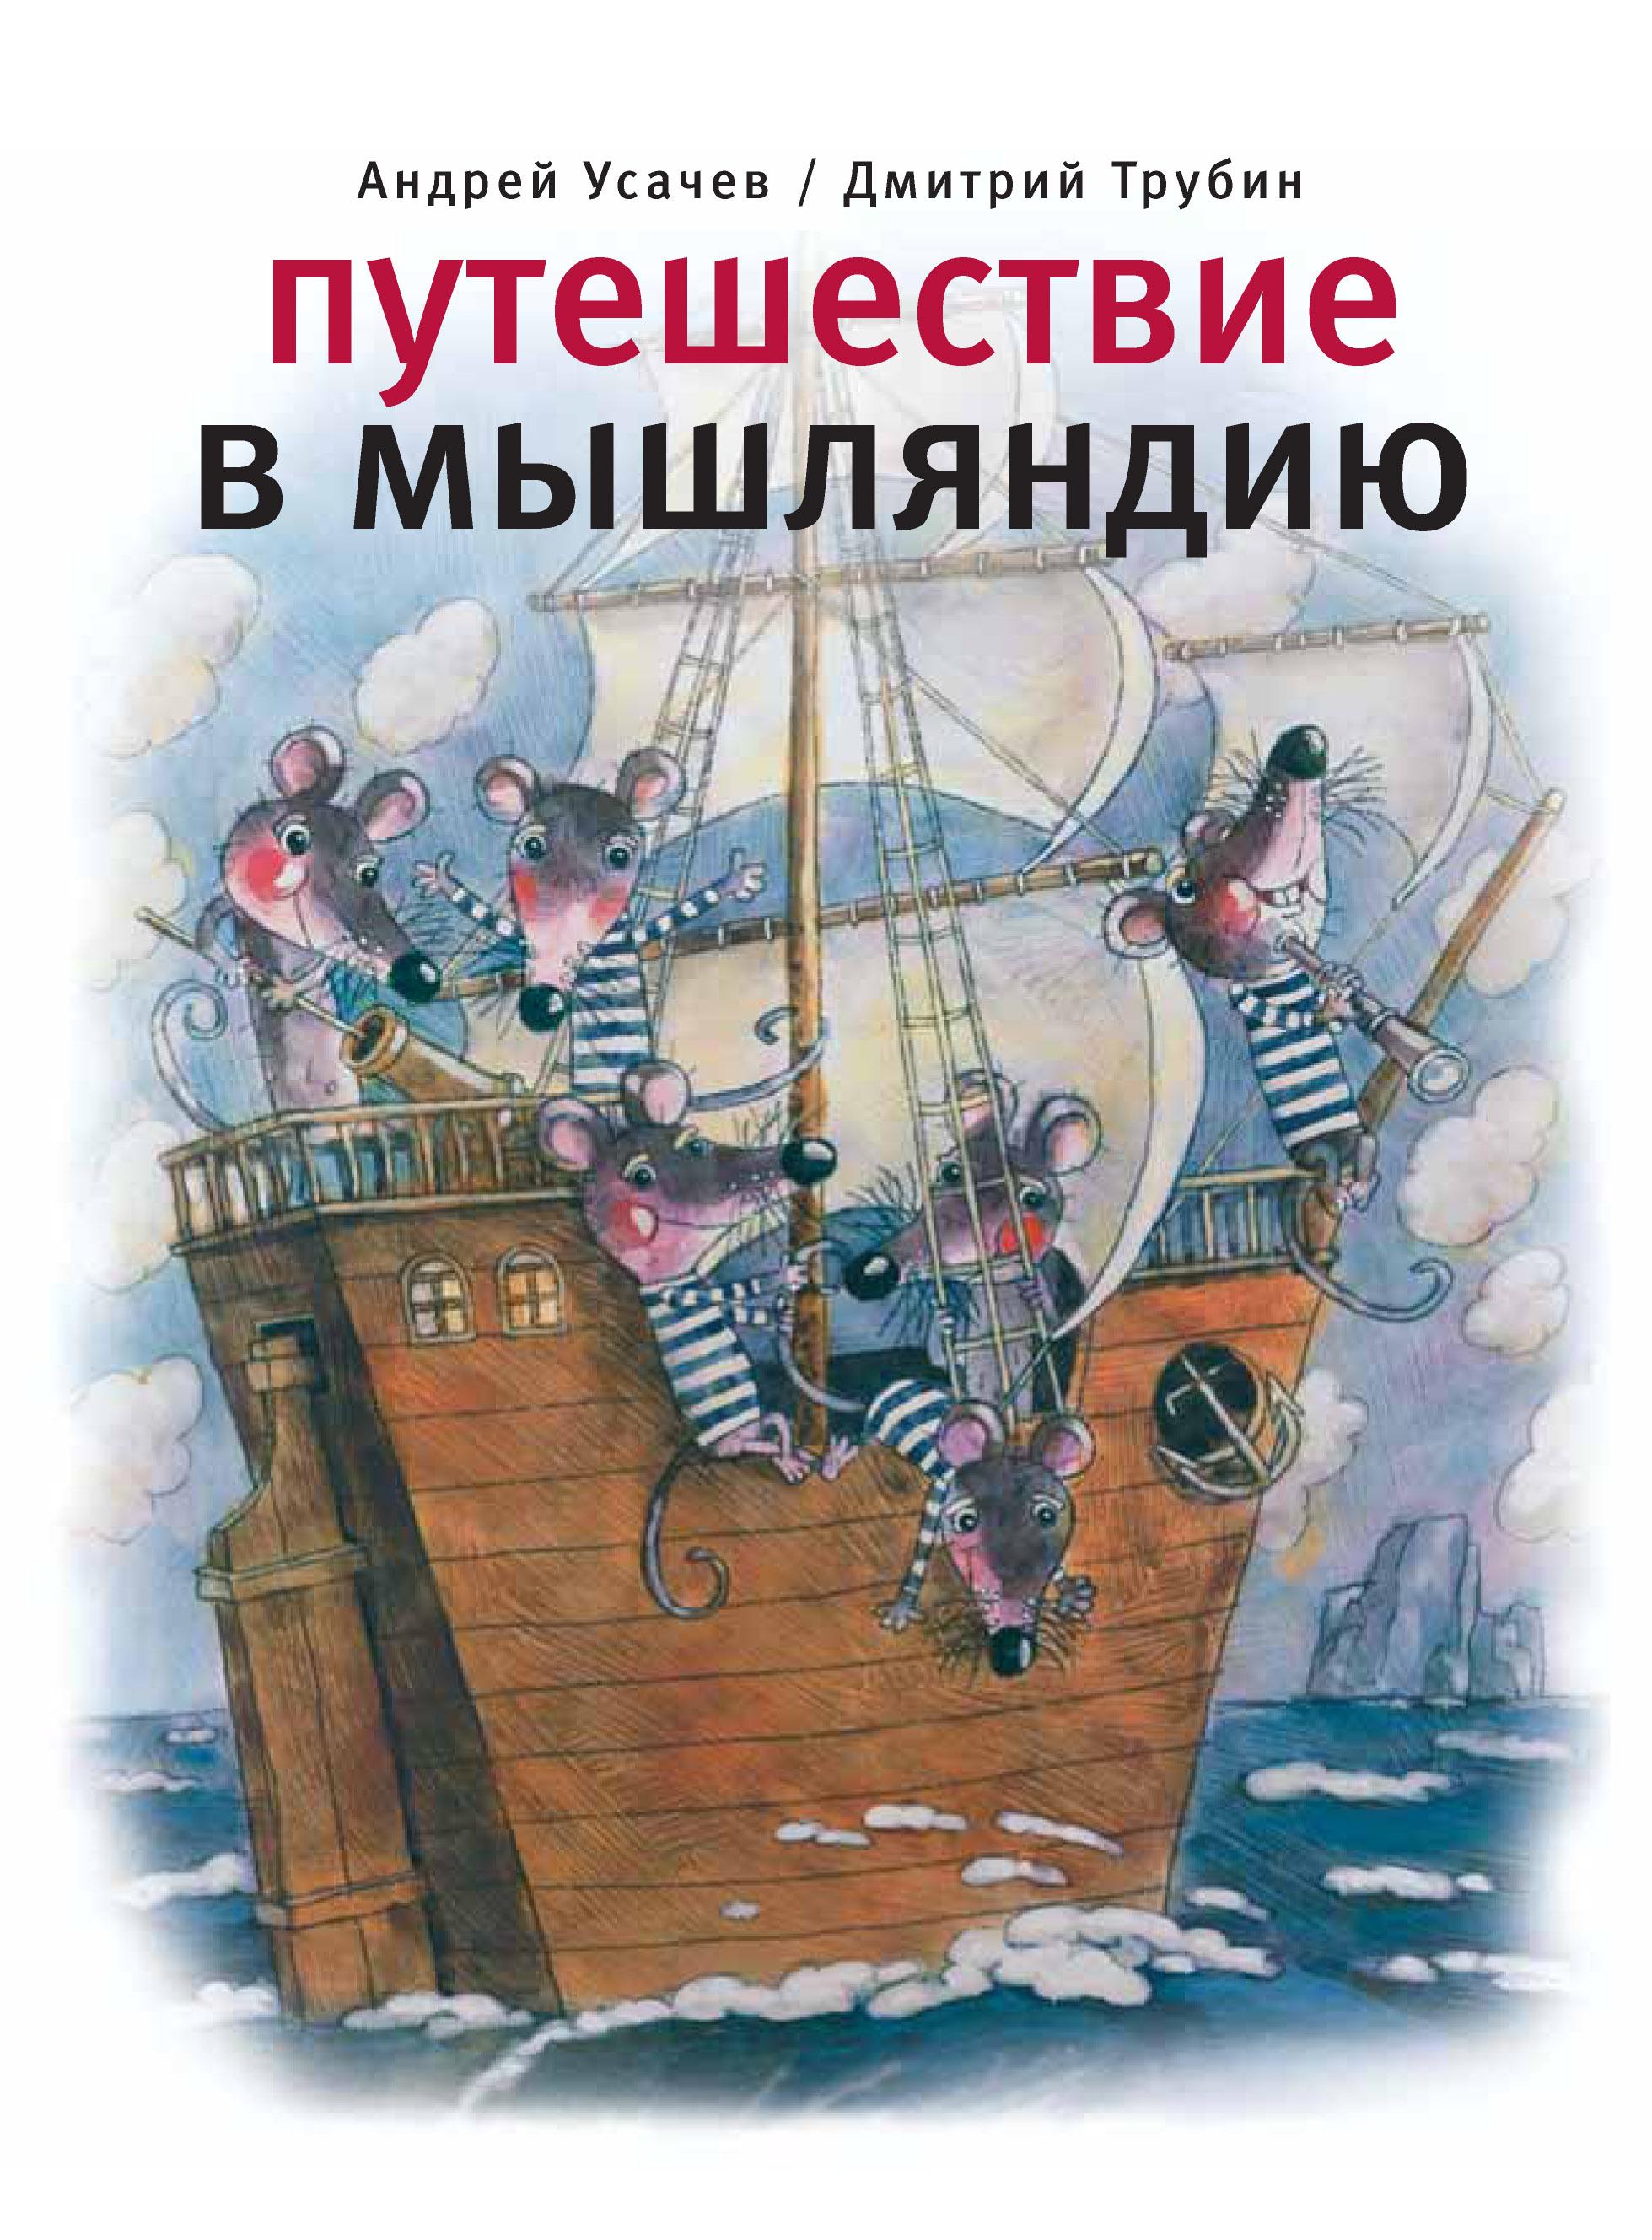 Андрей Усачев Путешествие в Мышляндию аркатова а внешние данные вторая книга стихов